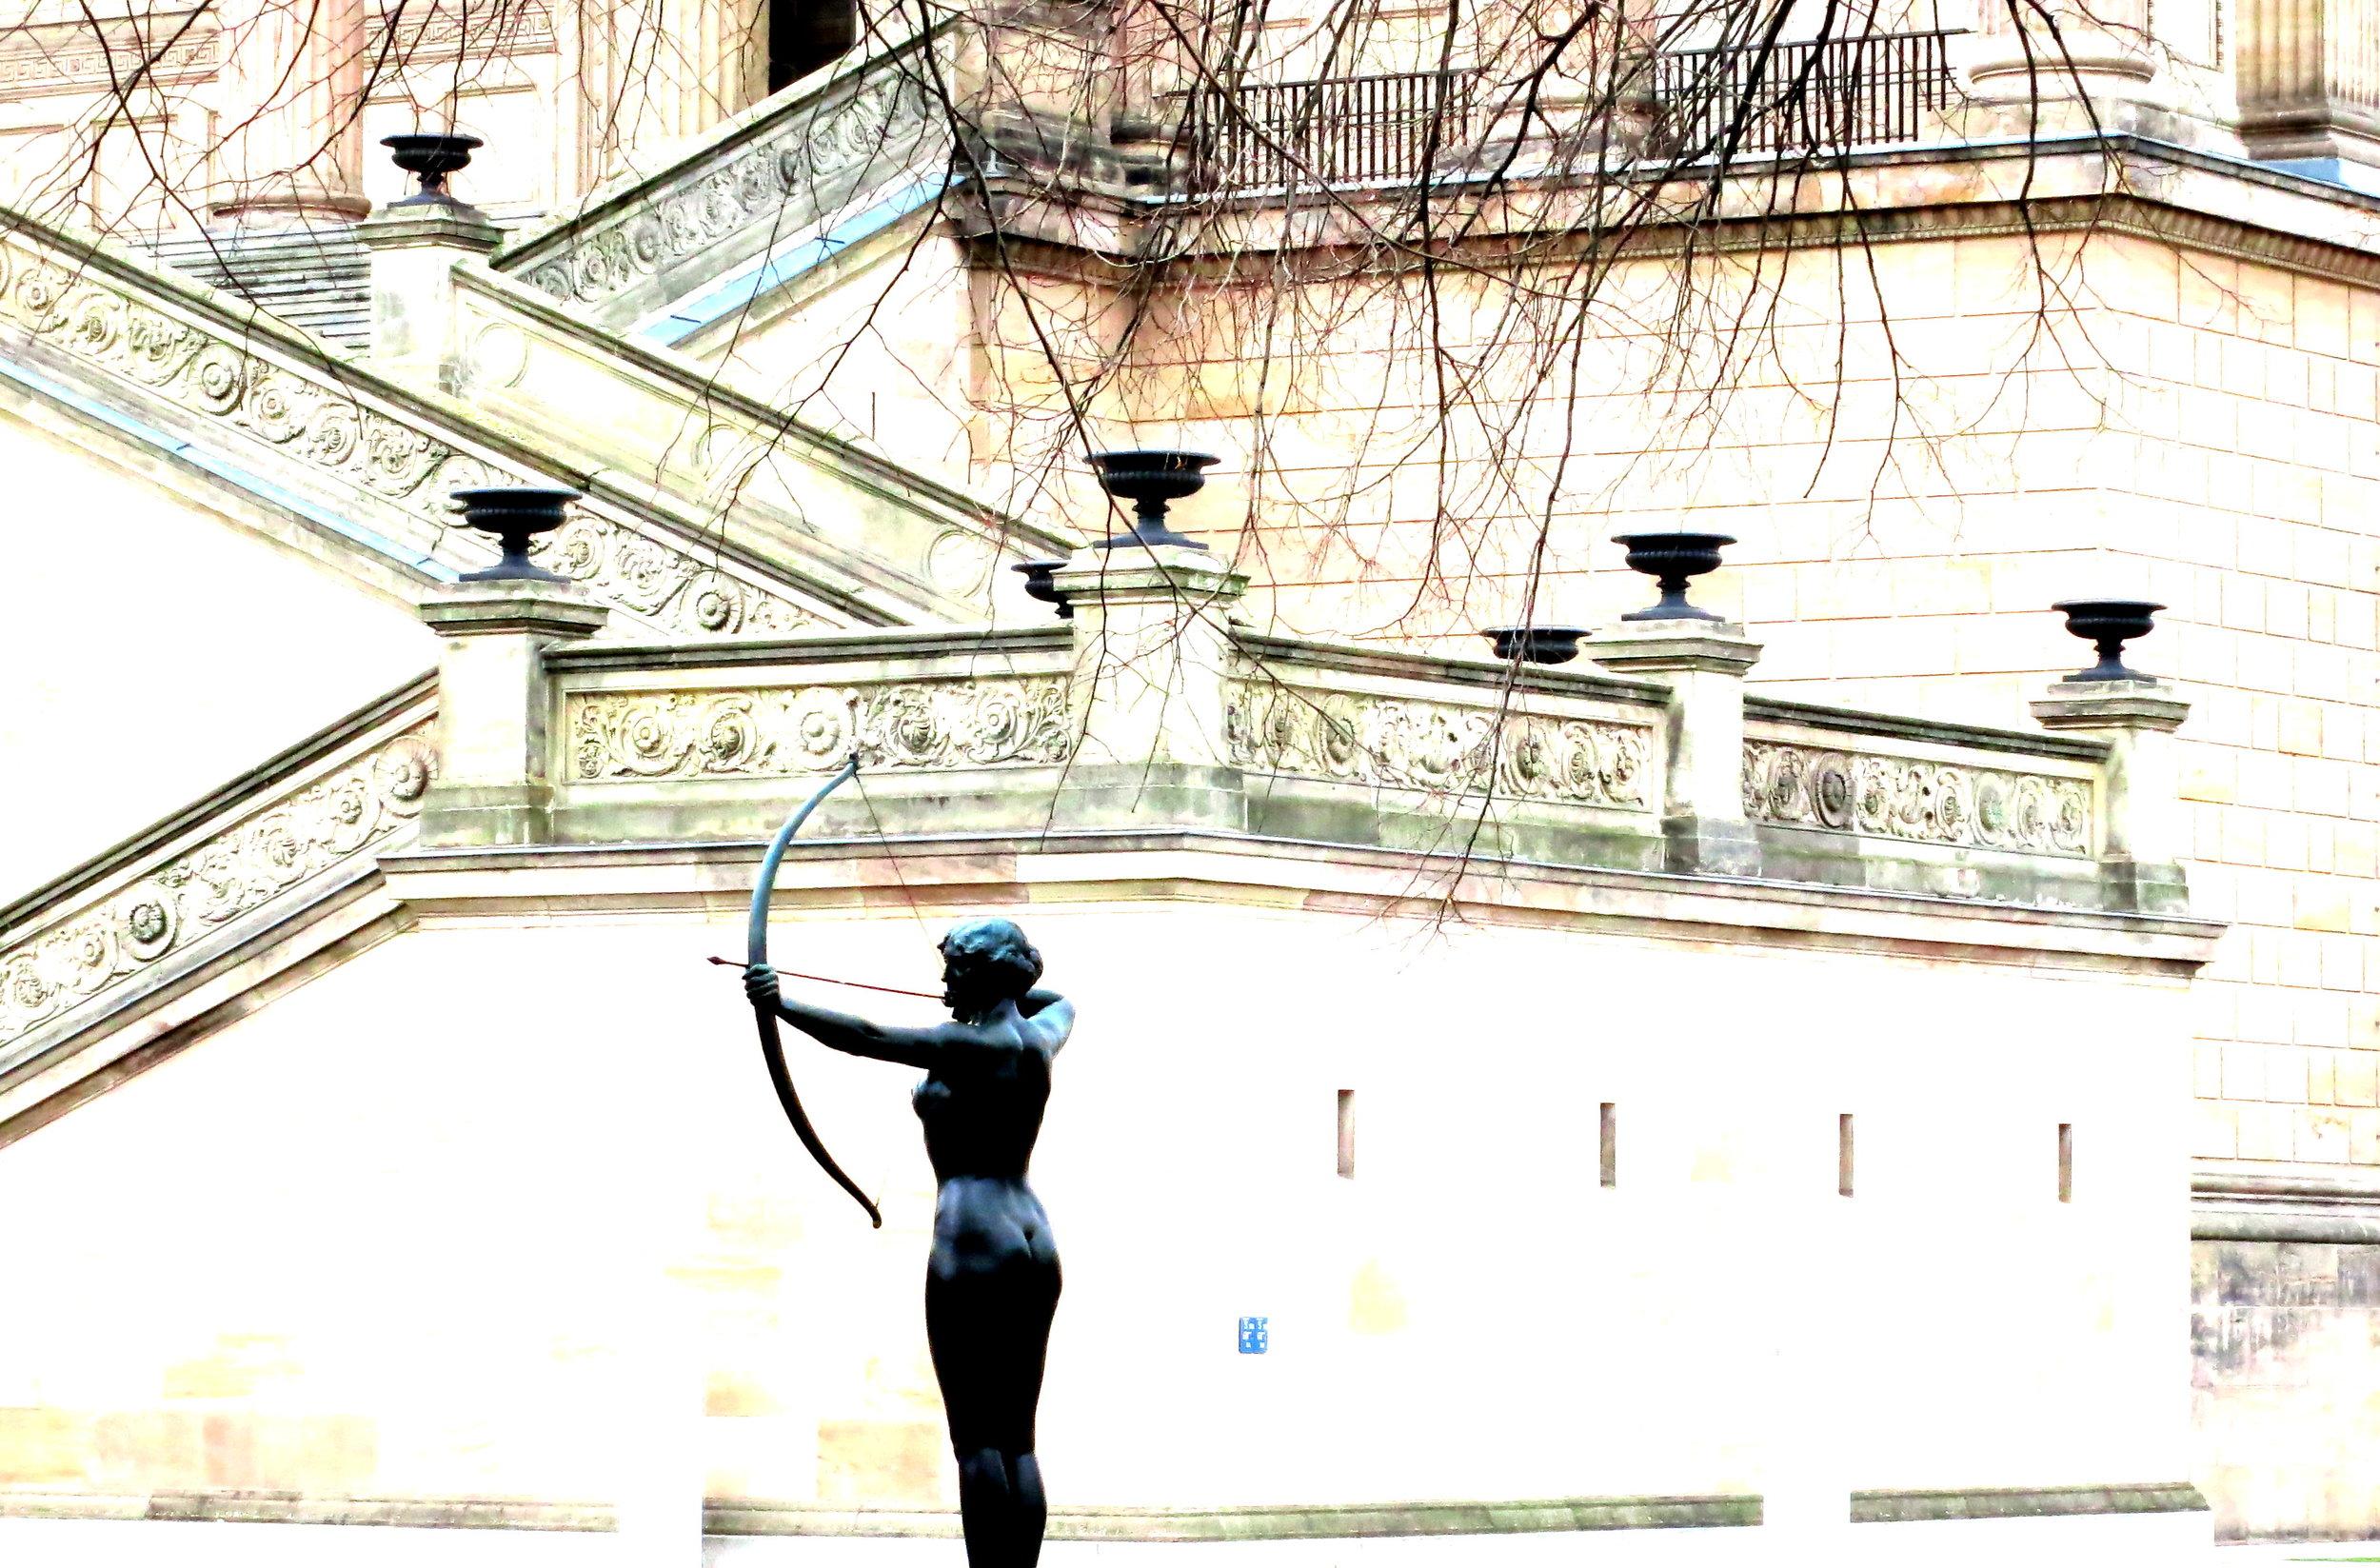 shooting arrows of desire, berlin © colin goedecke